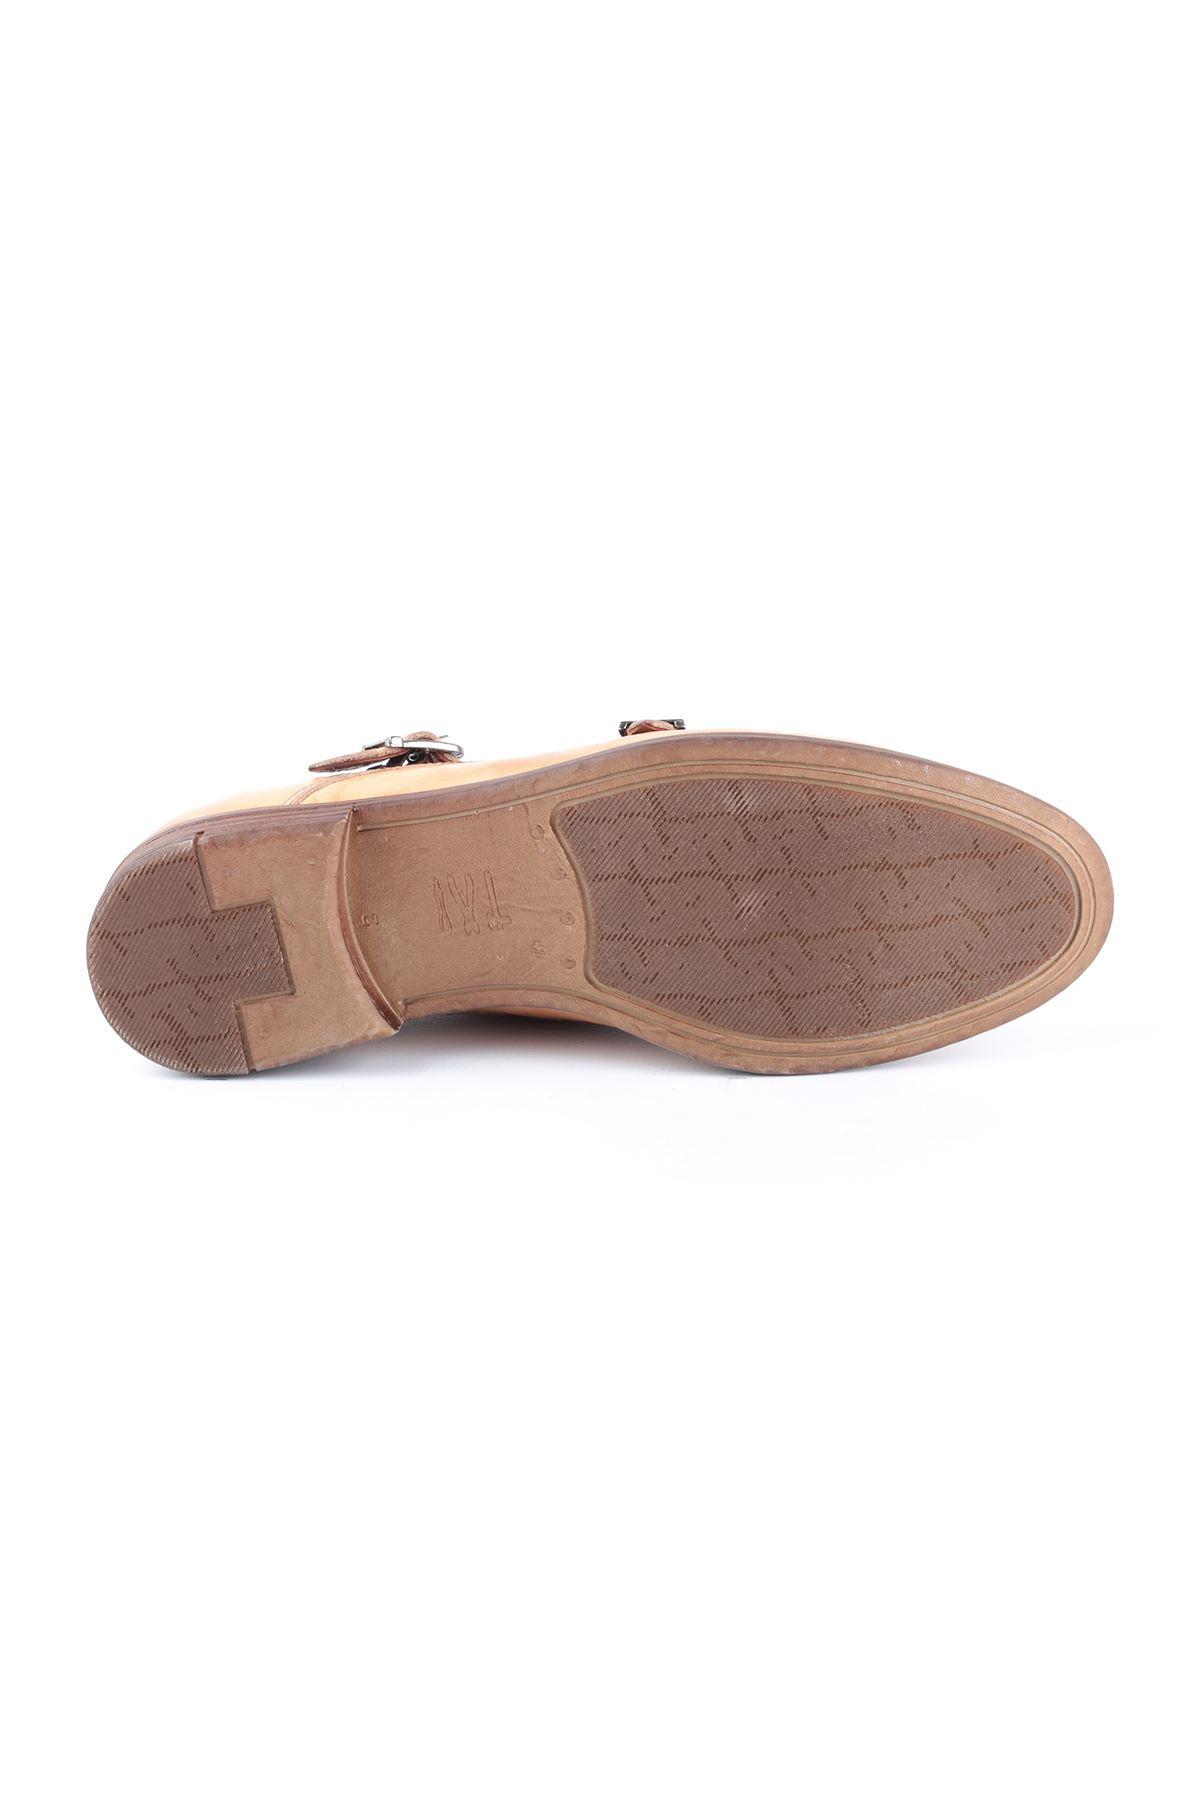 Libero T1431 Mink Casual Shoes